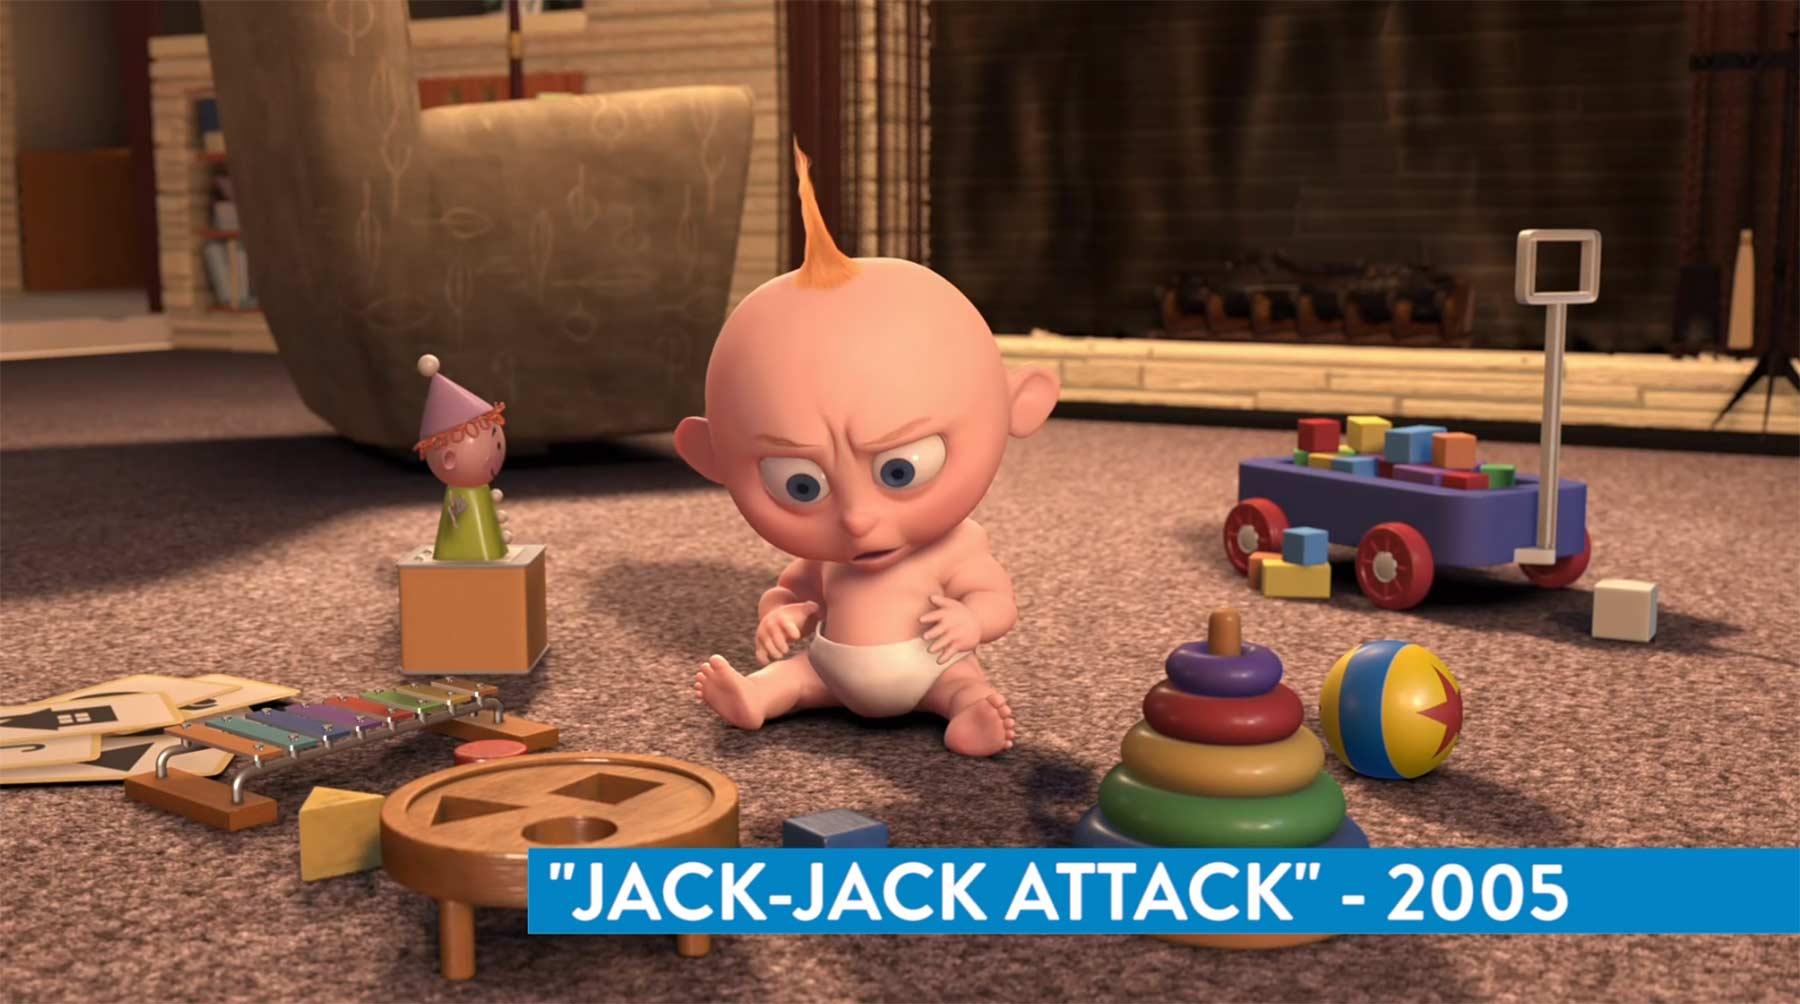 Der Luxo Ball war in so ziemlich allen Pixar-Filmen zu sehen